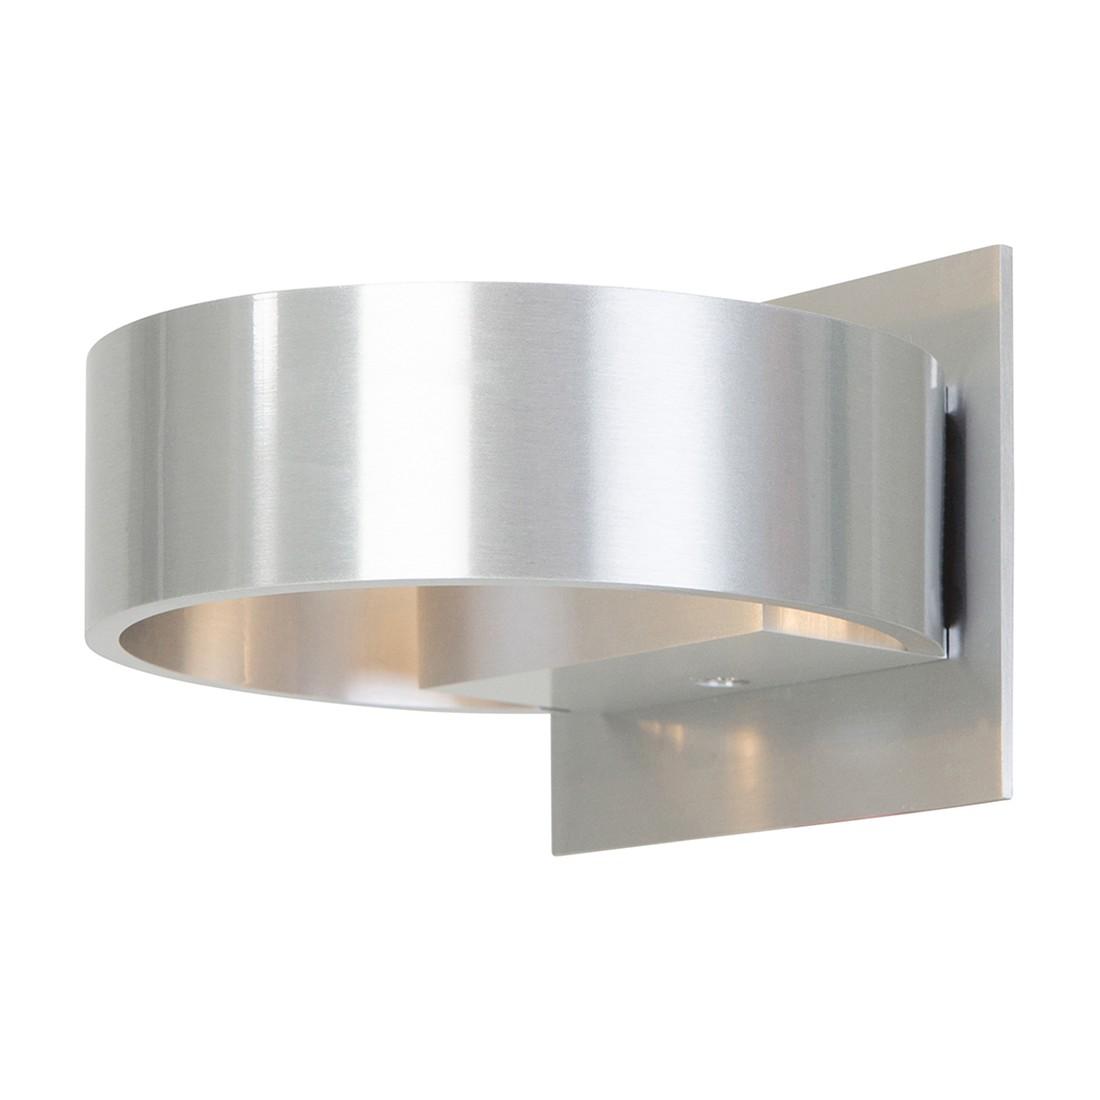 LED-Wandleuchte Kordes 1-flammig ● Nickel matt- Steinhauer A+